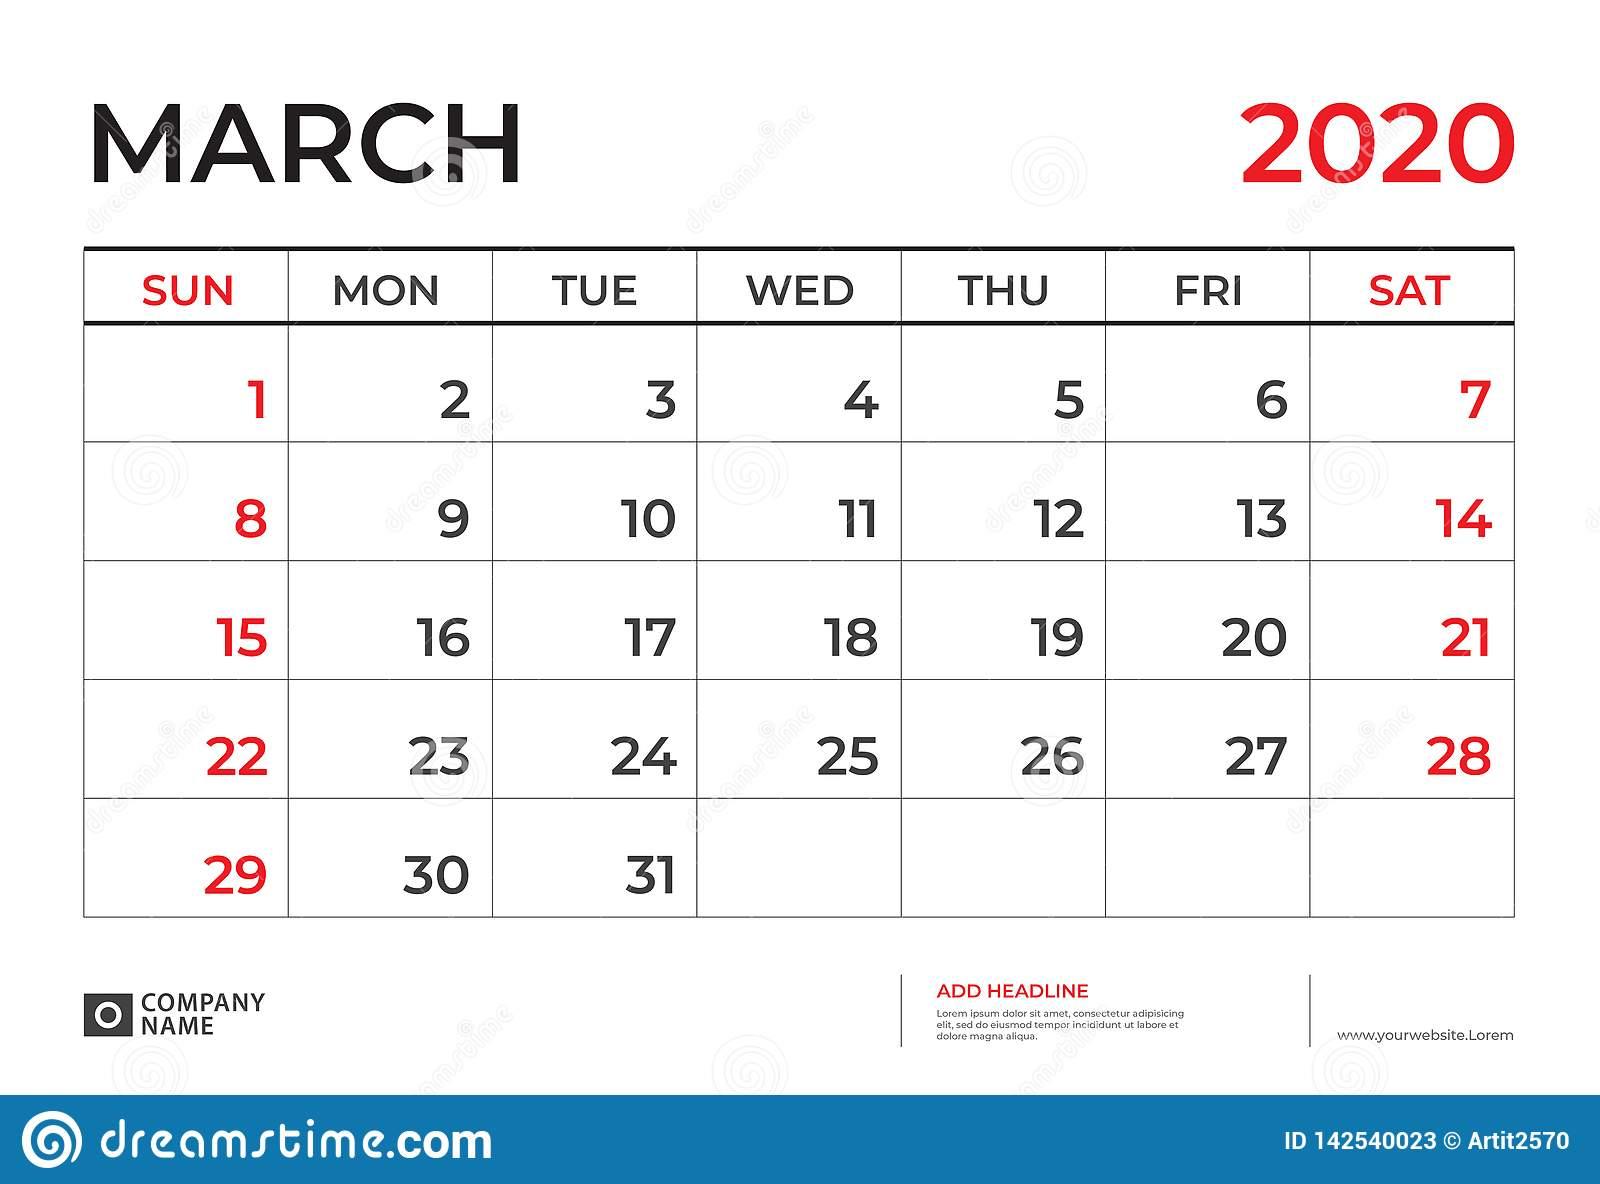 March 2020 Calendar Template, Desk Calendar Layout Size 9.5